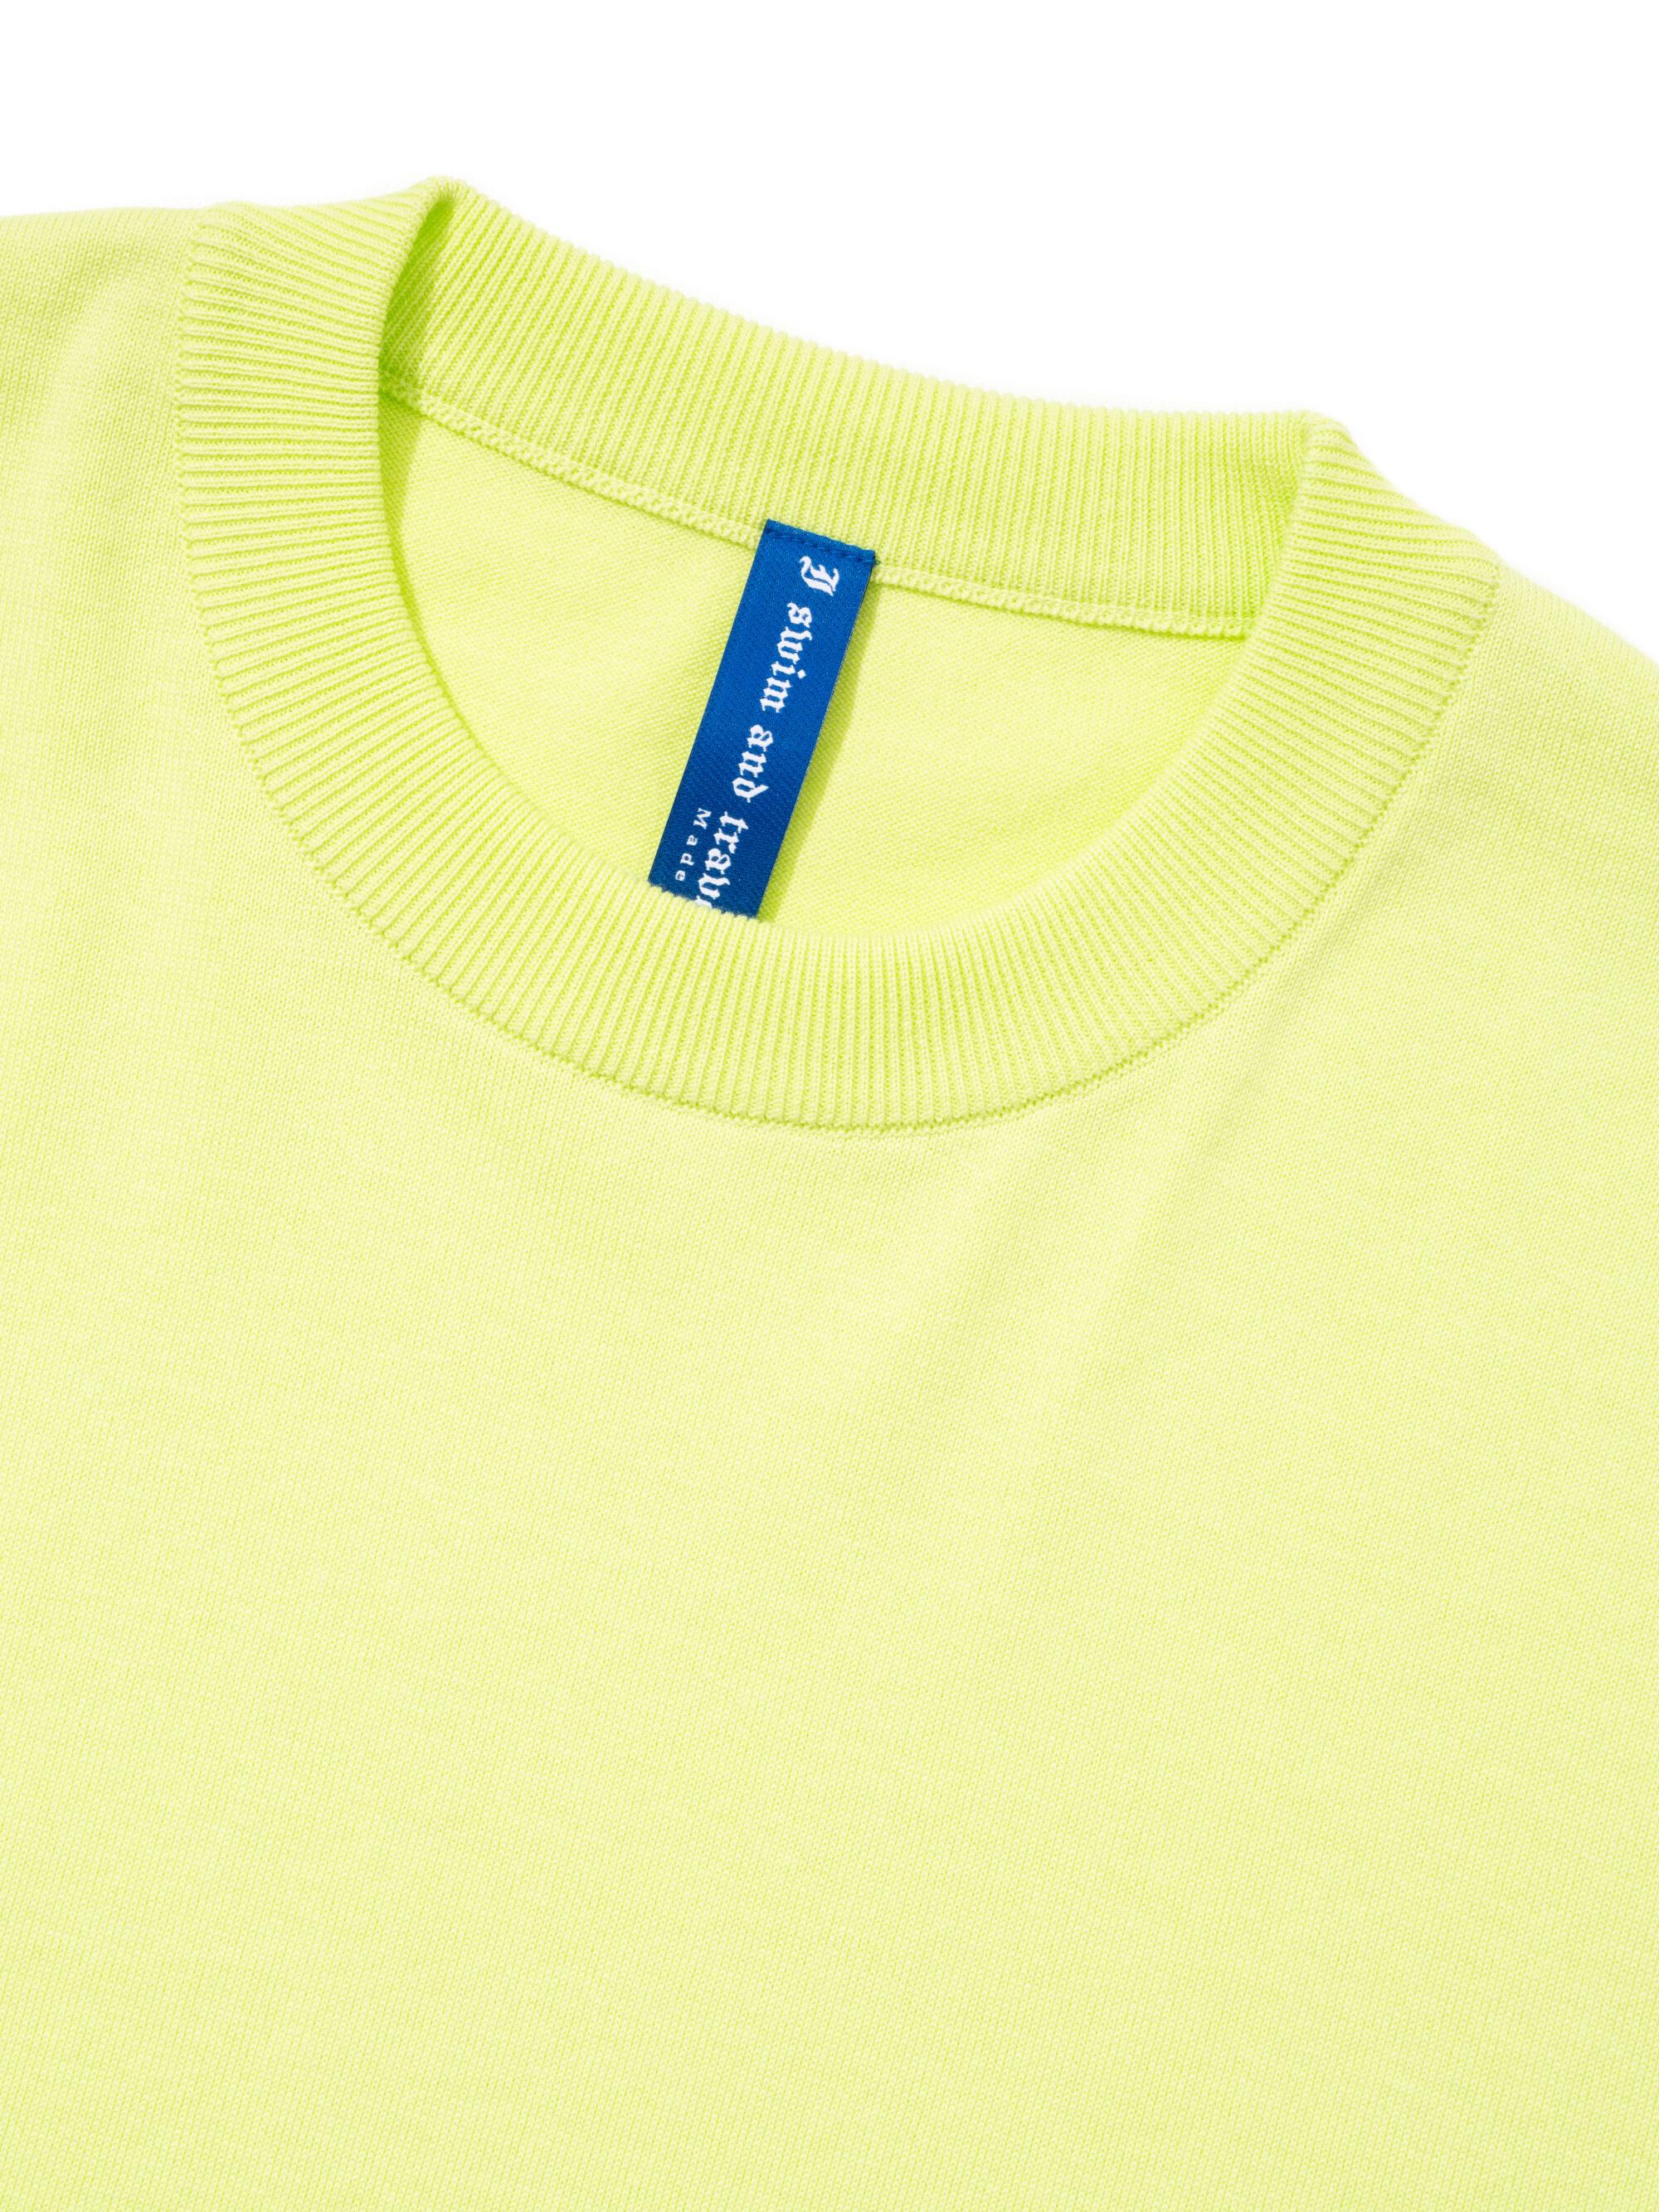 【超撥水】オーガニックコットン100%使用 最高級 長袖 Tシャツ - 黄色